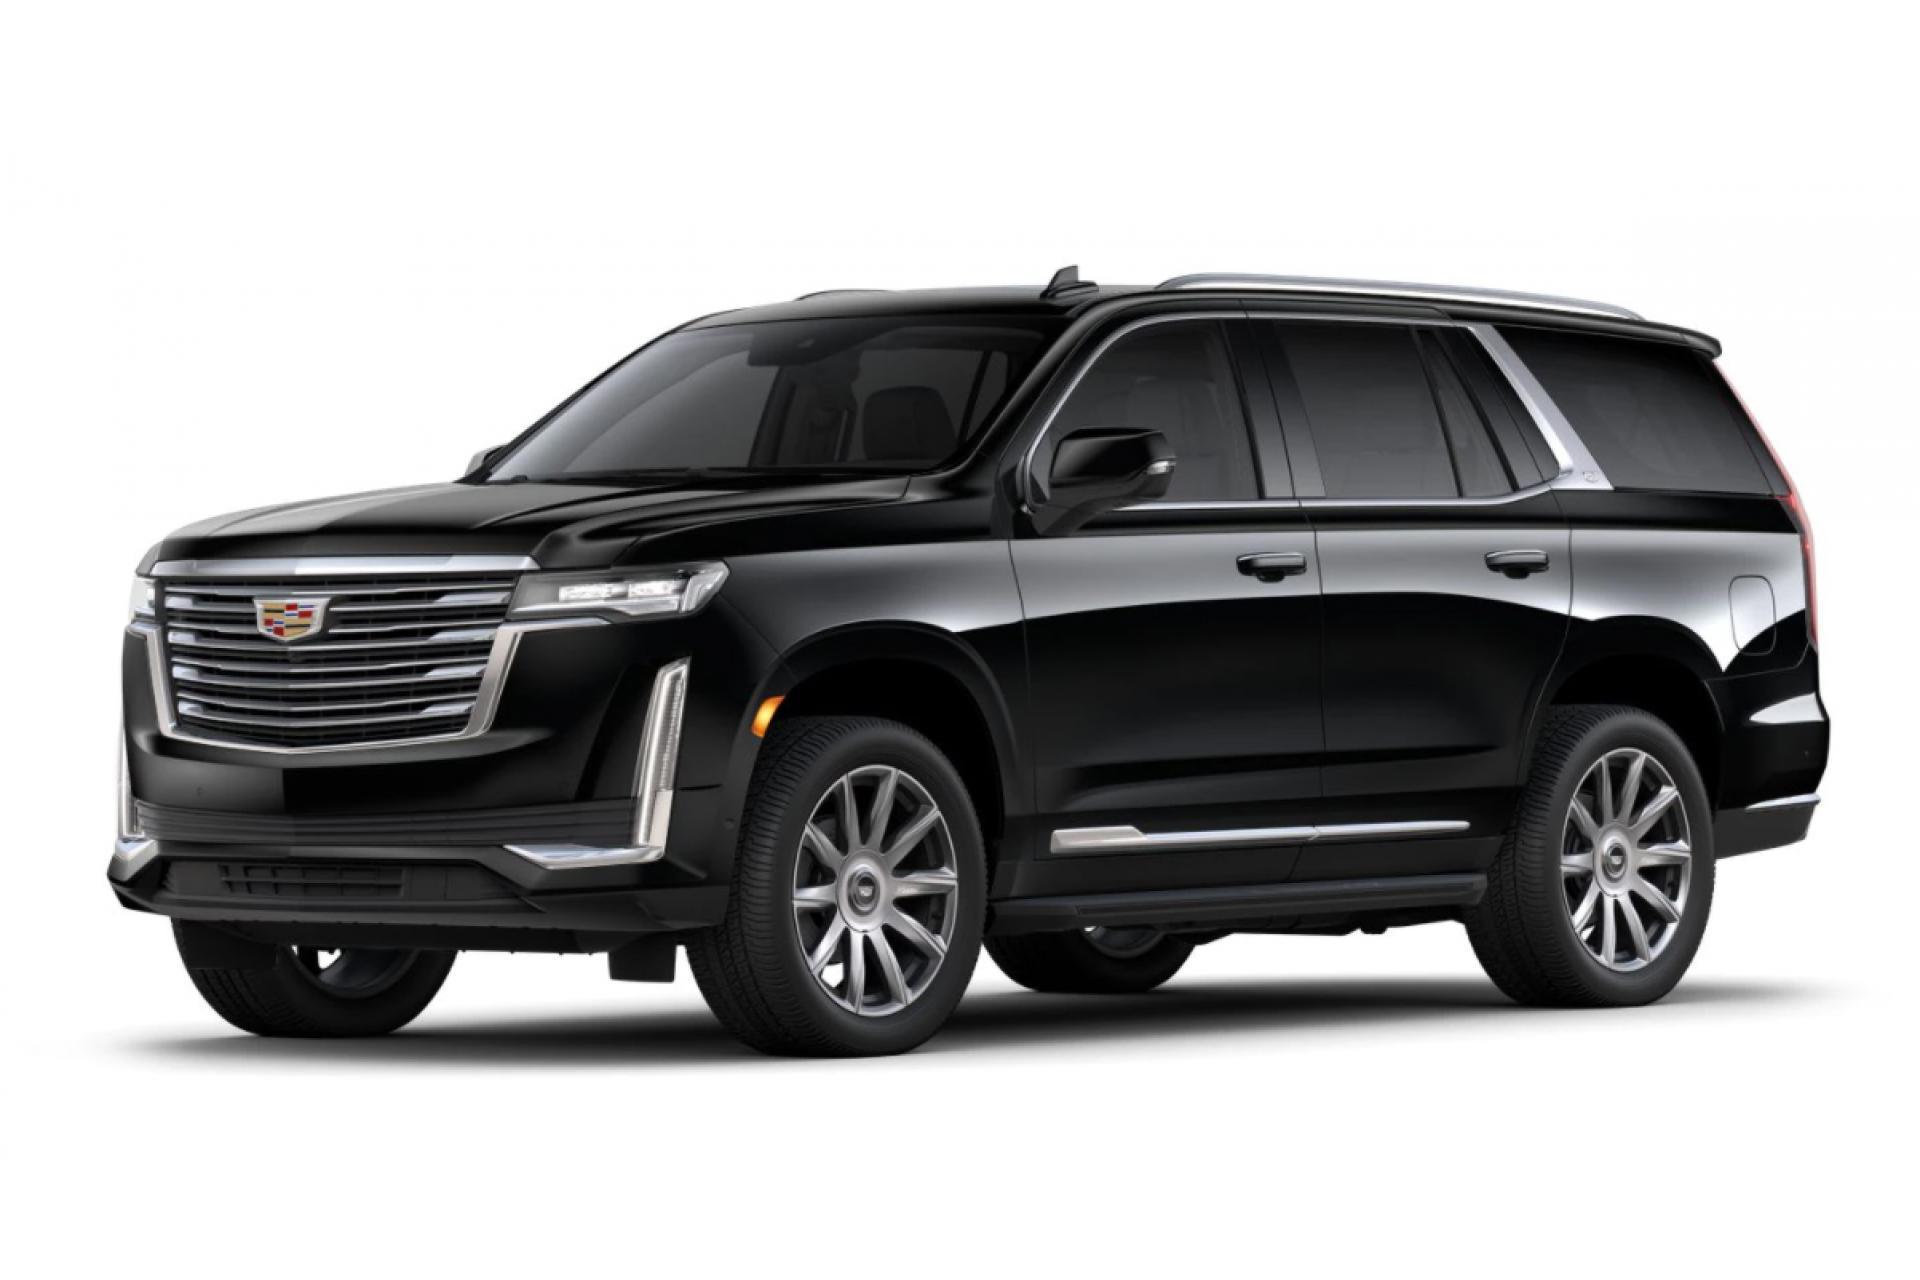 CADILLAC ESCALADE Platinum Luxury V8 6.2L 2021